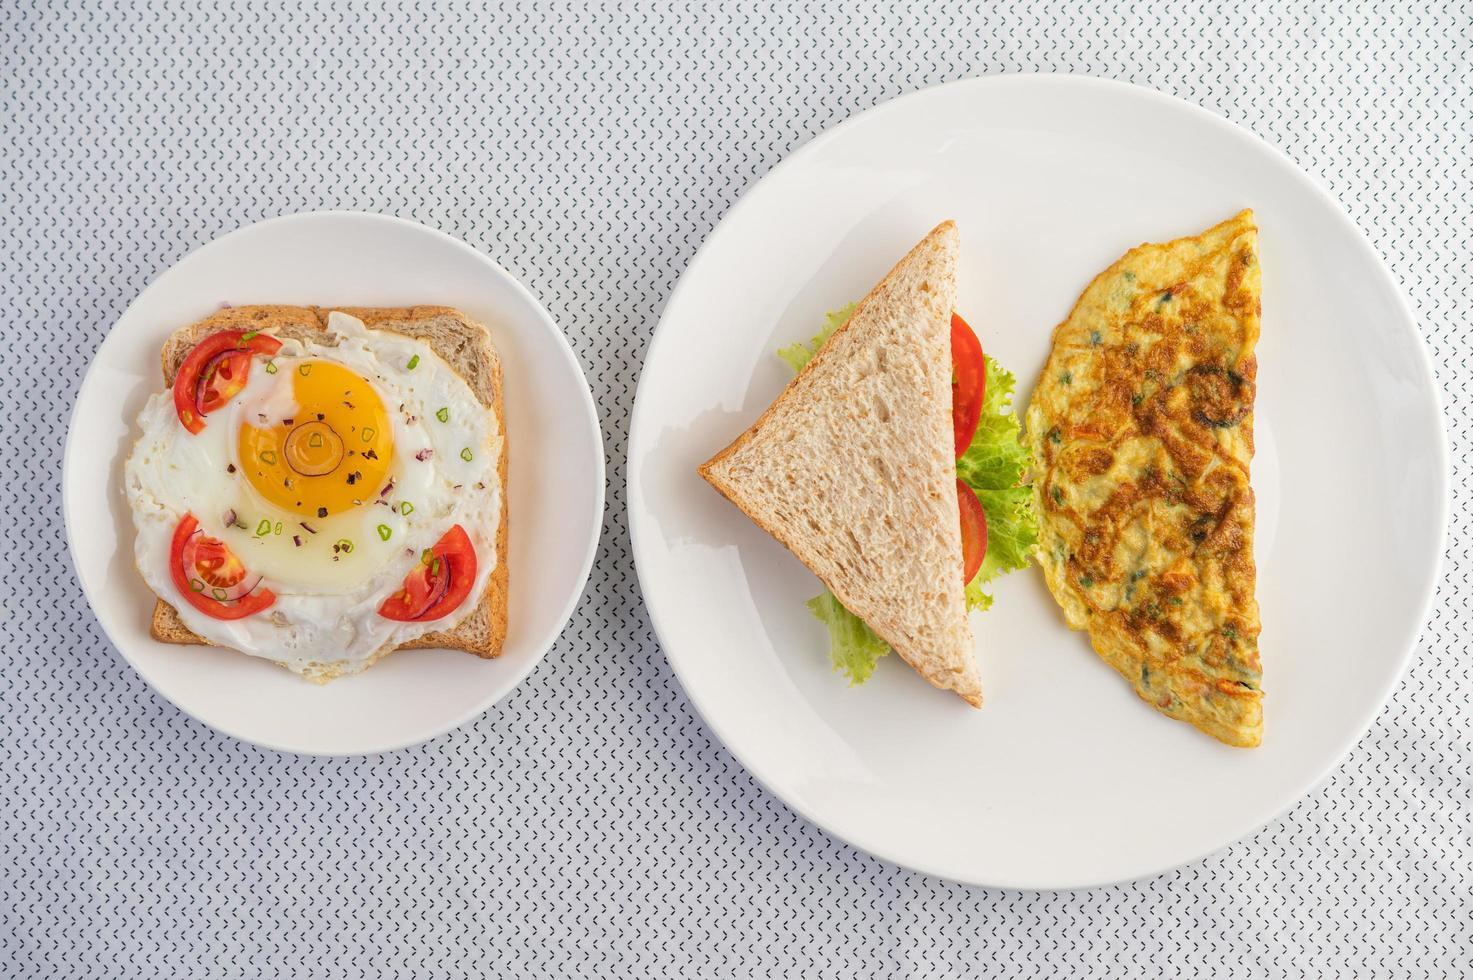 tortillas y huevos fritos foto